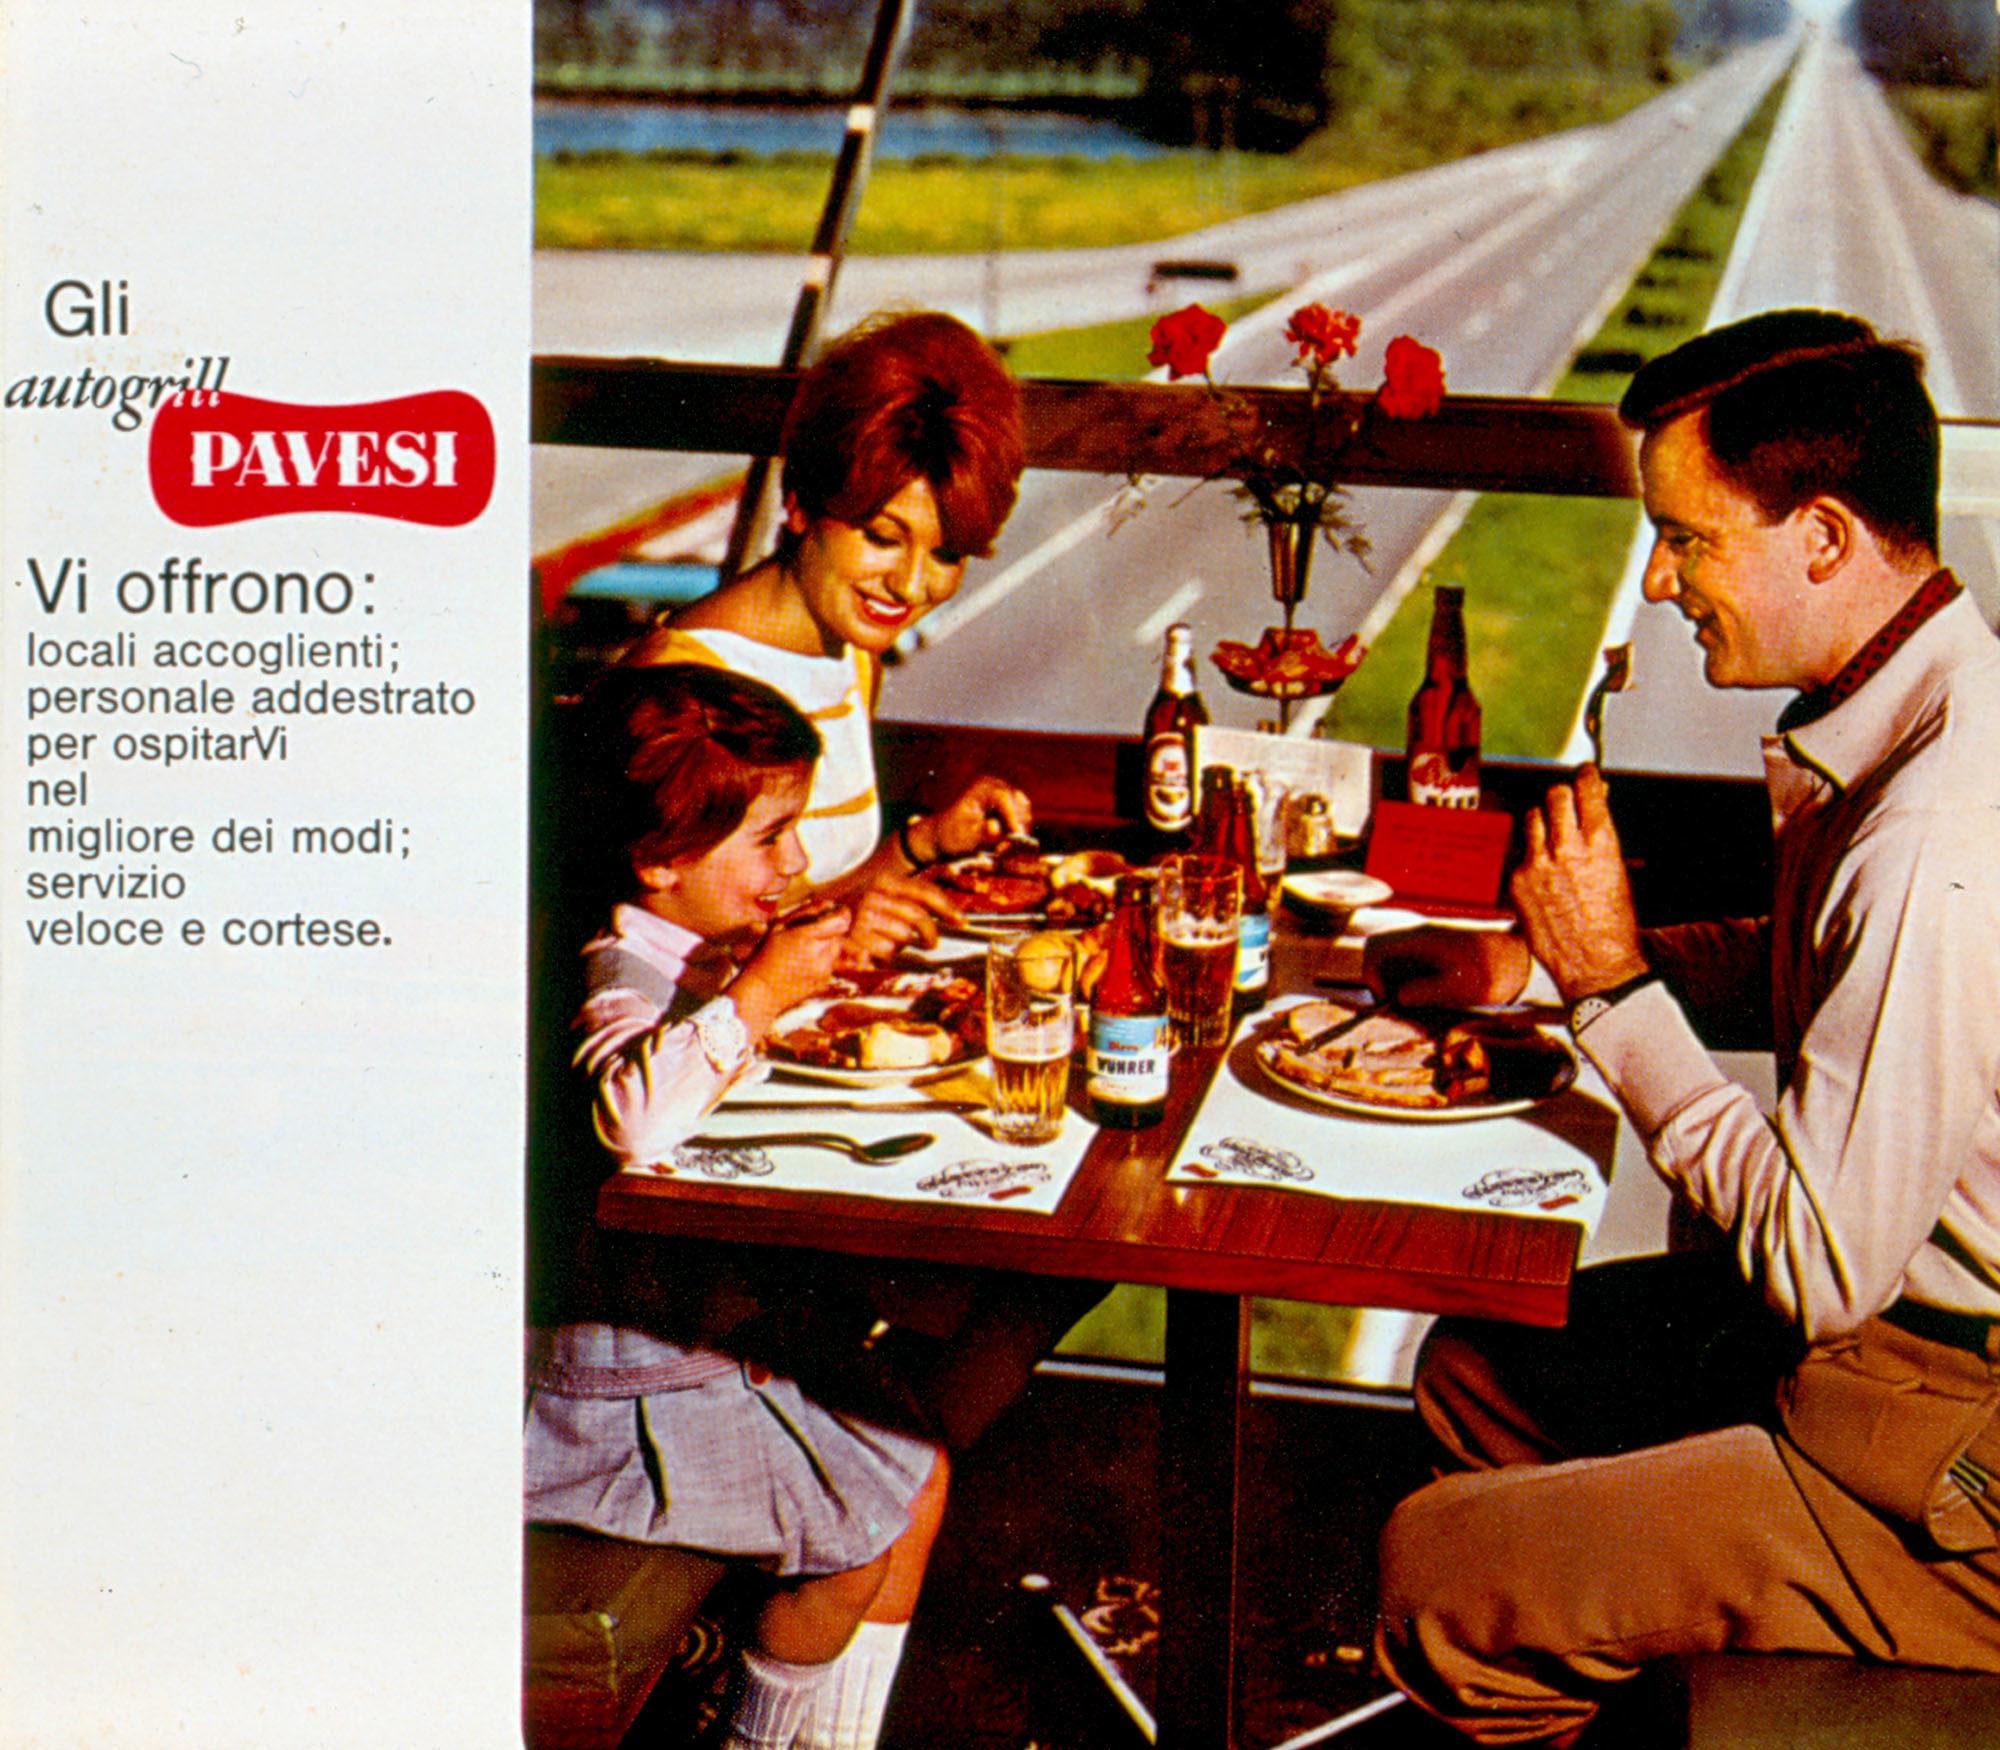 Pubblicità degli Autogrill Pavesi, 1963